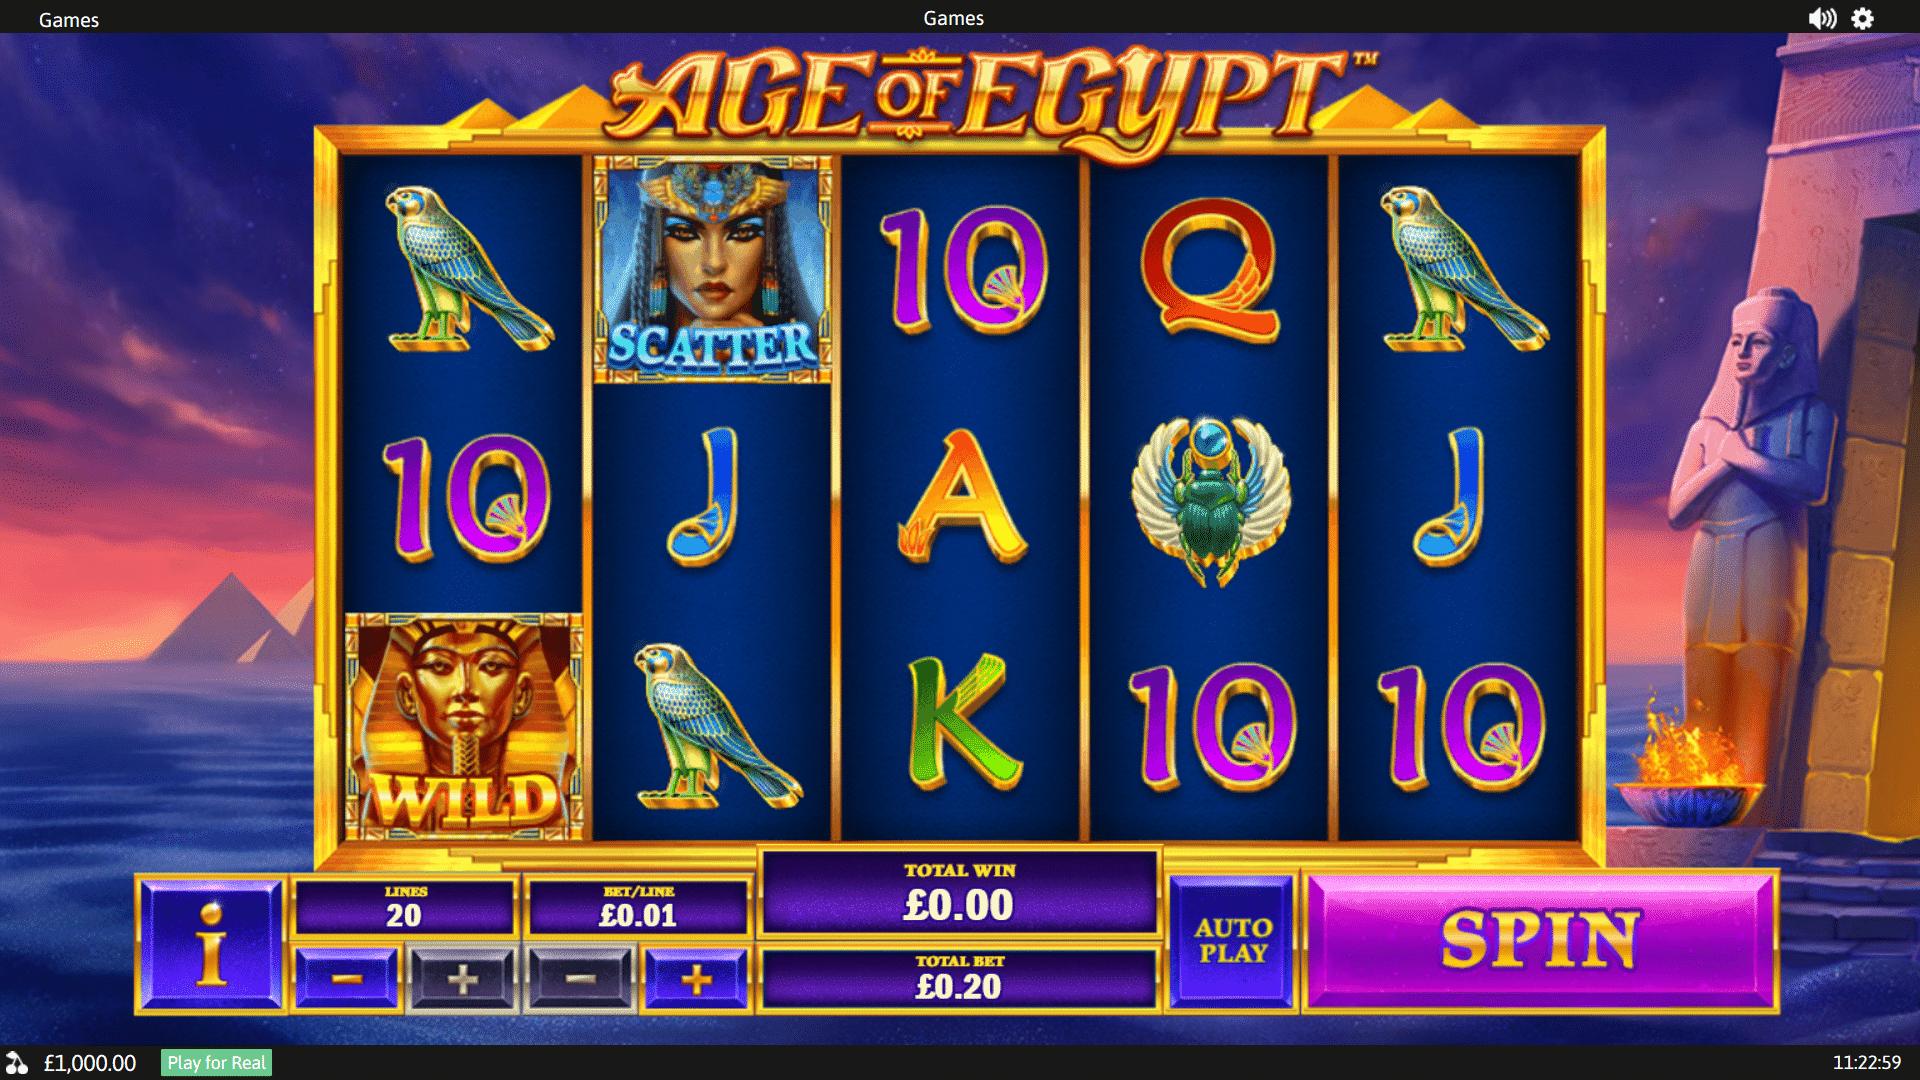 Slot Age of Egypt